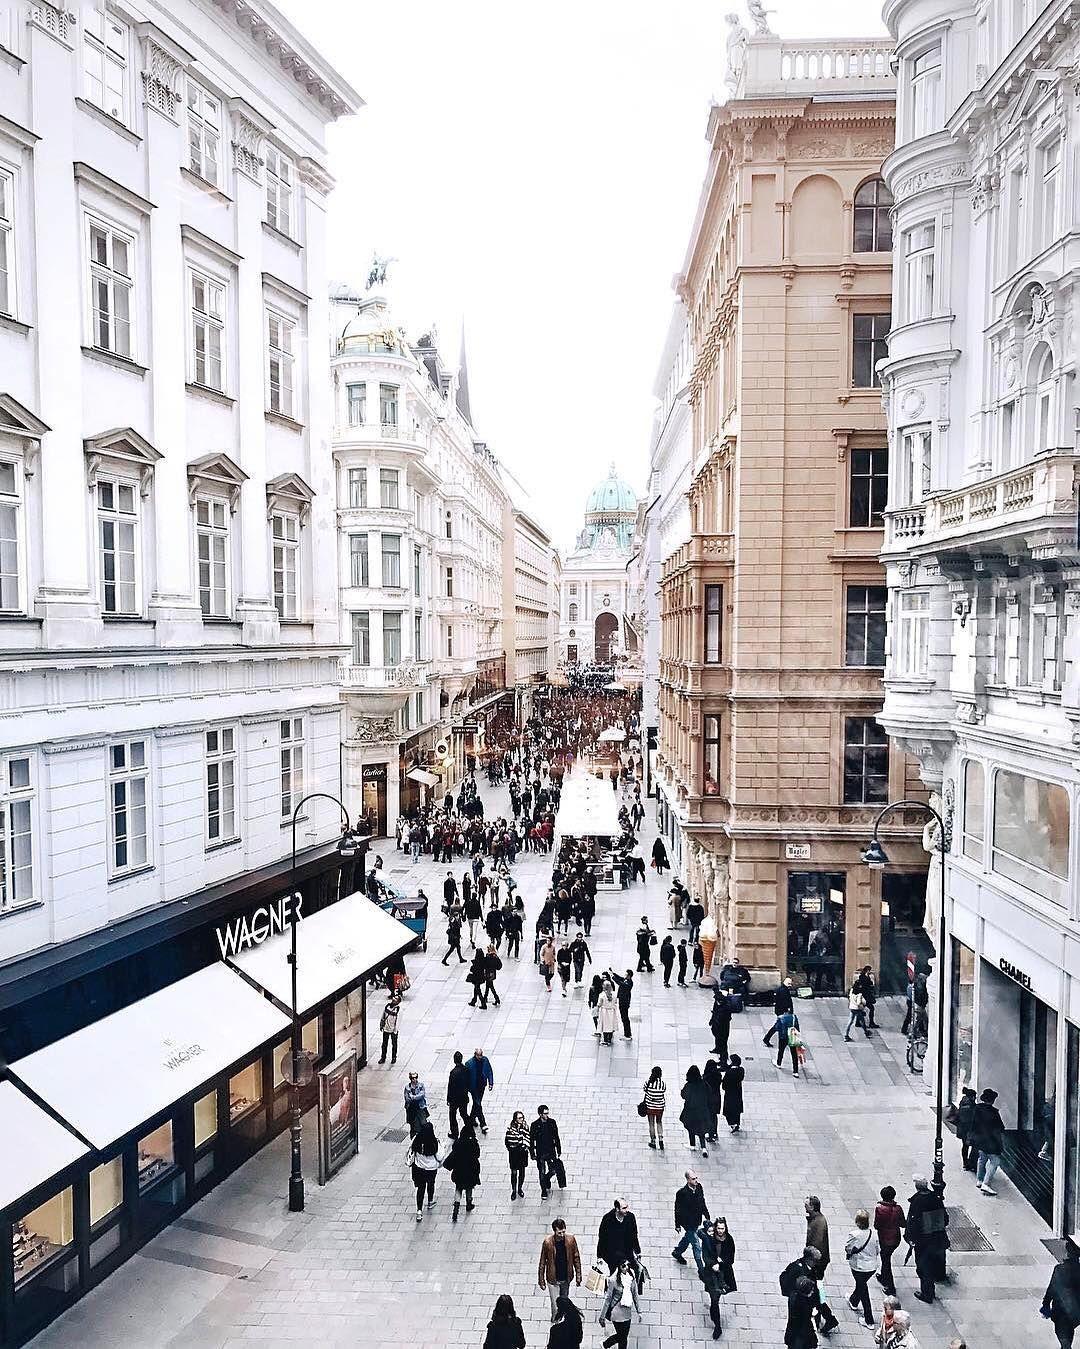 Vienna Austria A Dream Destination For Any Classical Music Fan Getguilded Wien Architektur Osterreich Urlaub Reisen